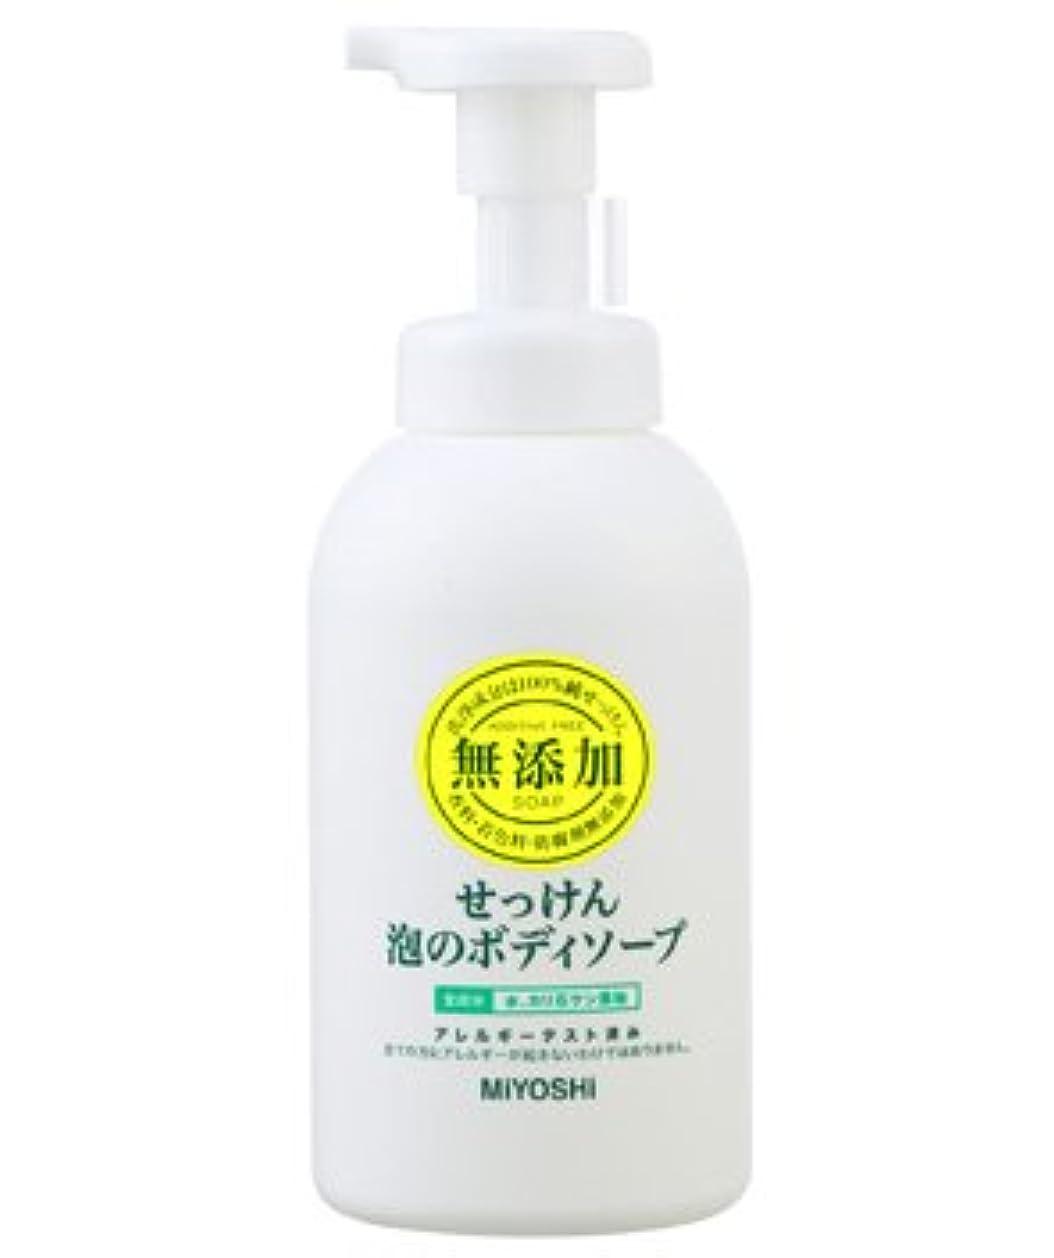 アライメント不健康先史時代のミヨシ石鹸 無添加 せっけん 泡のボディソープ 500ml(無添加石鹸)×15点セット (4537130101544)